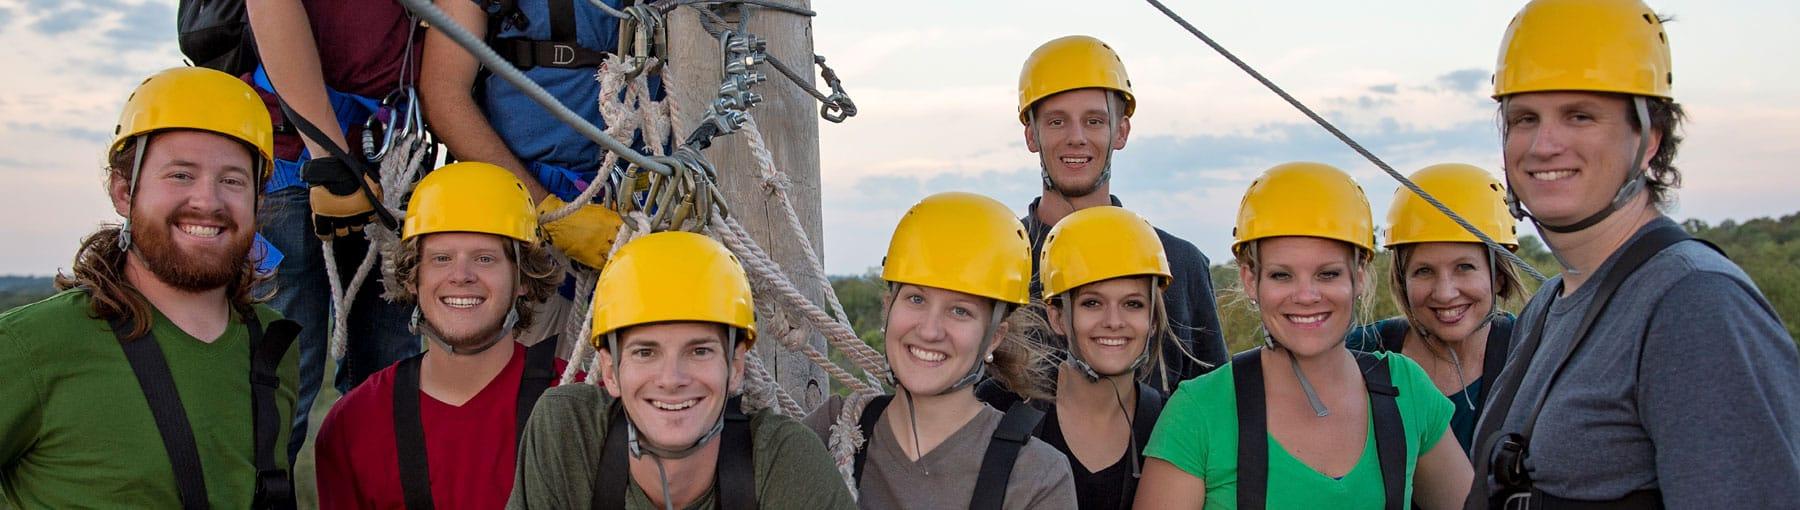 employee ziplining trips in door county wisconsin